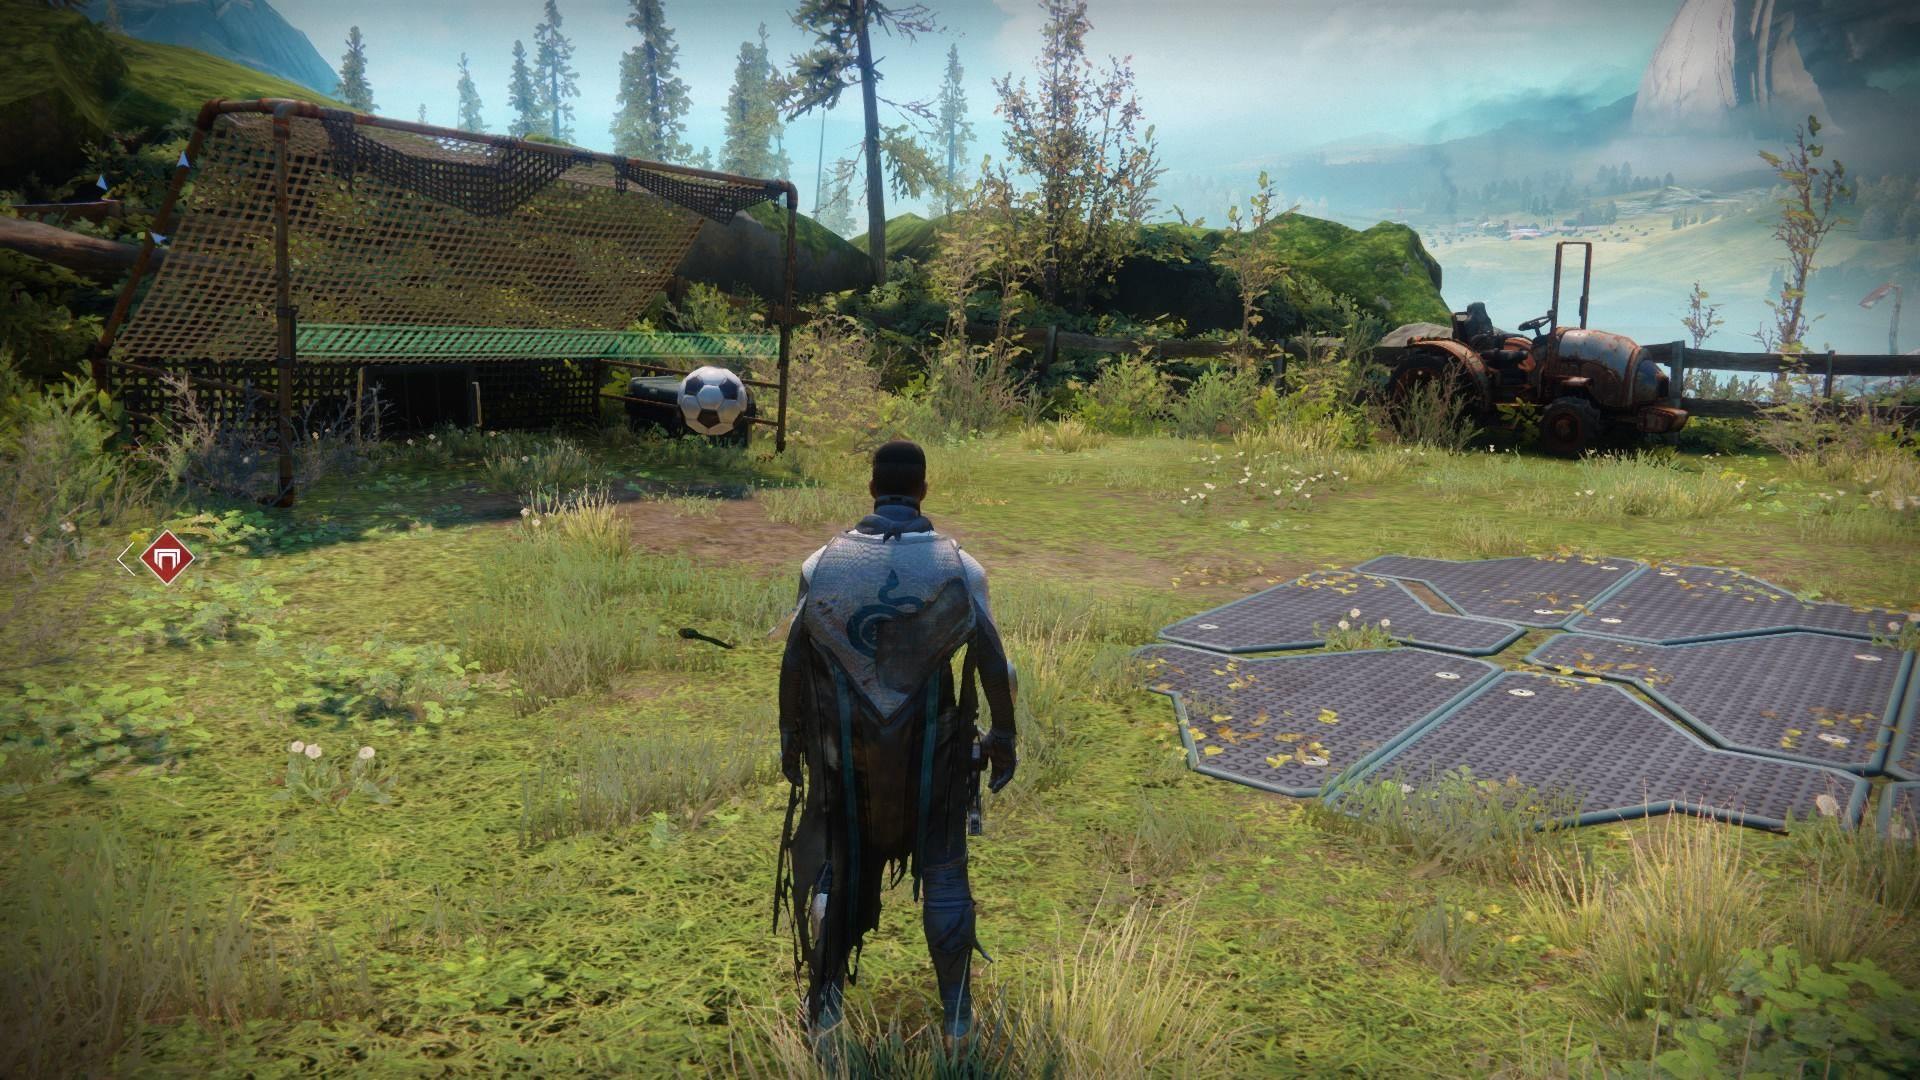 Na farme, sociálnom priestore Destiny 2